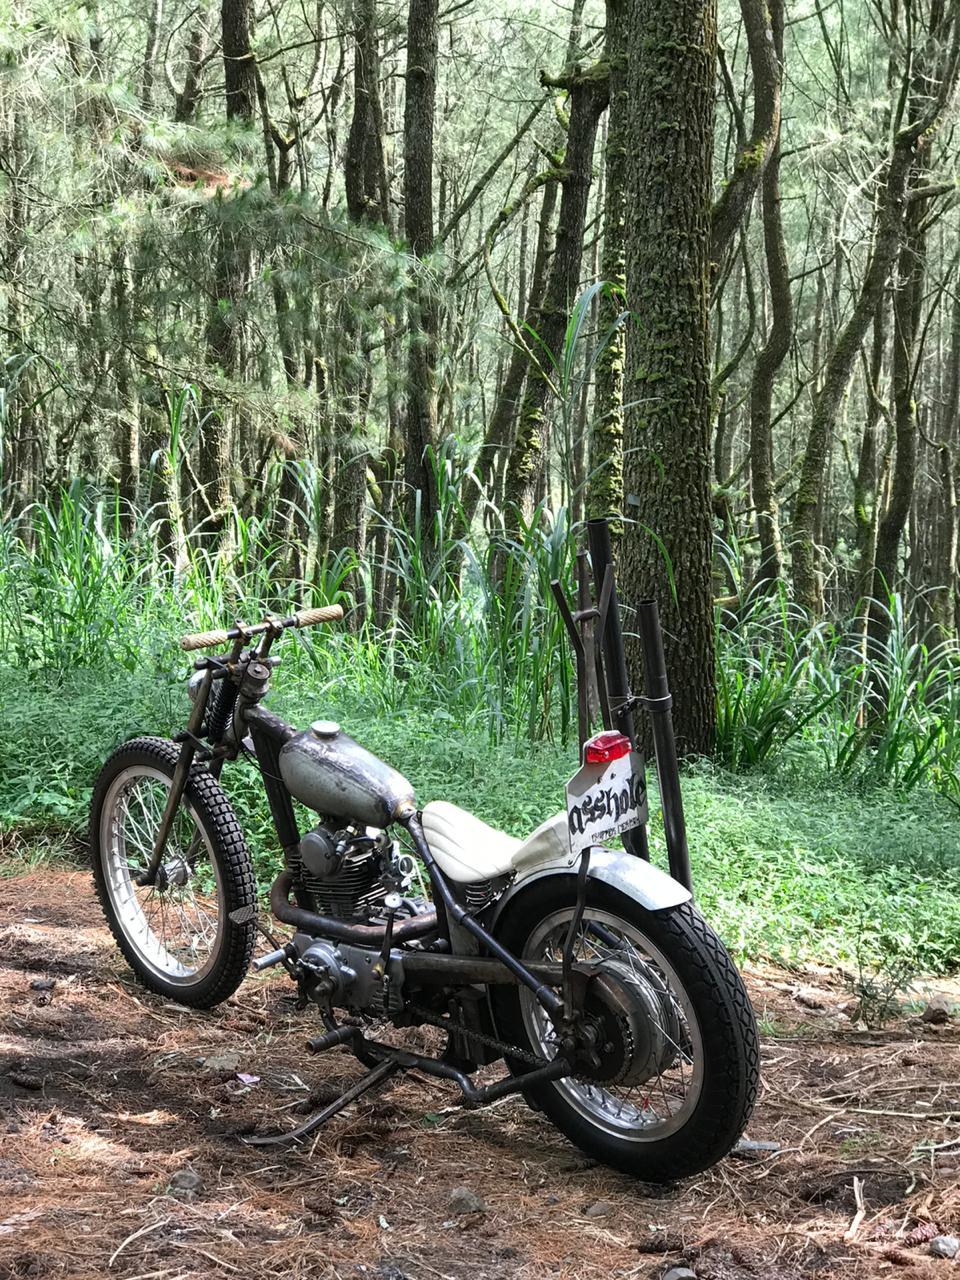 Bikin Motor Custom dari Kawasaki Binter Merzy